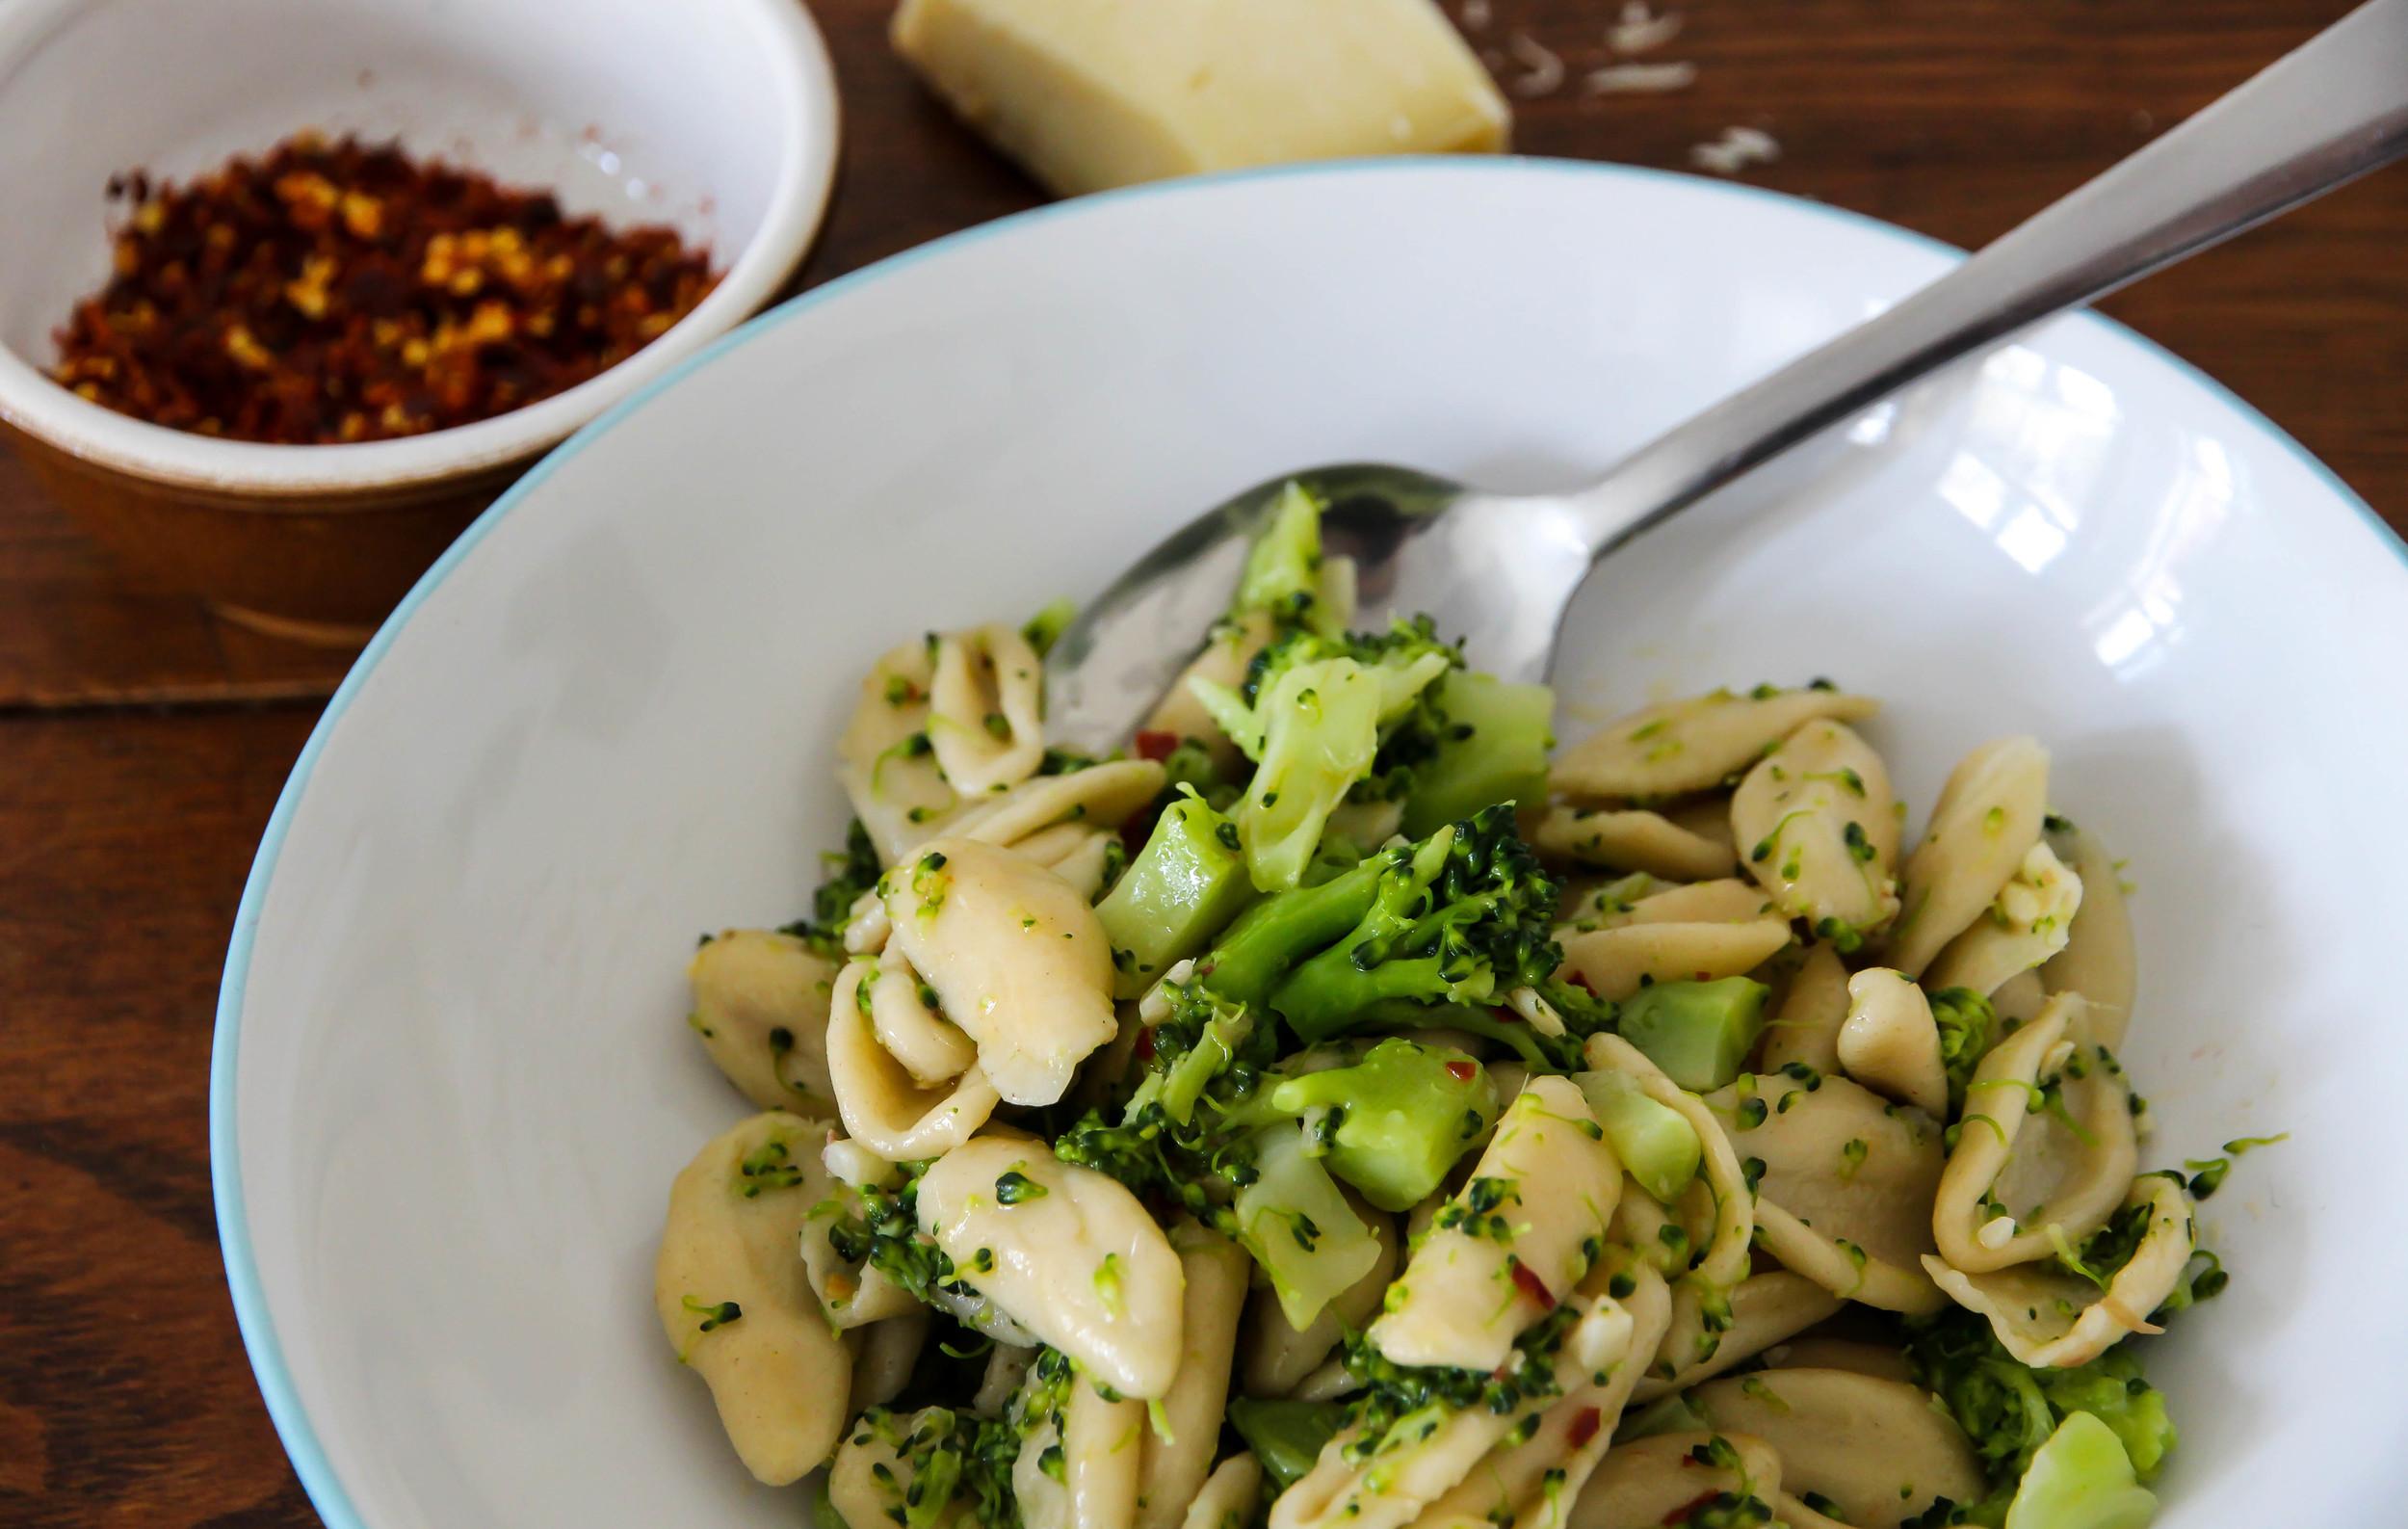 Orrechiette with Broccoli